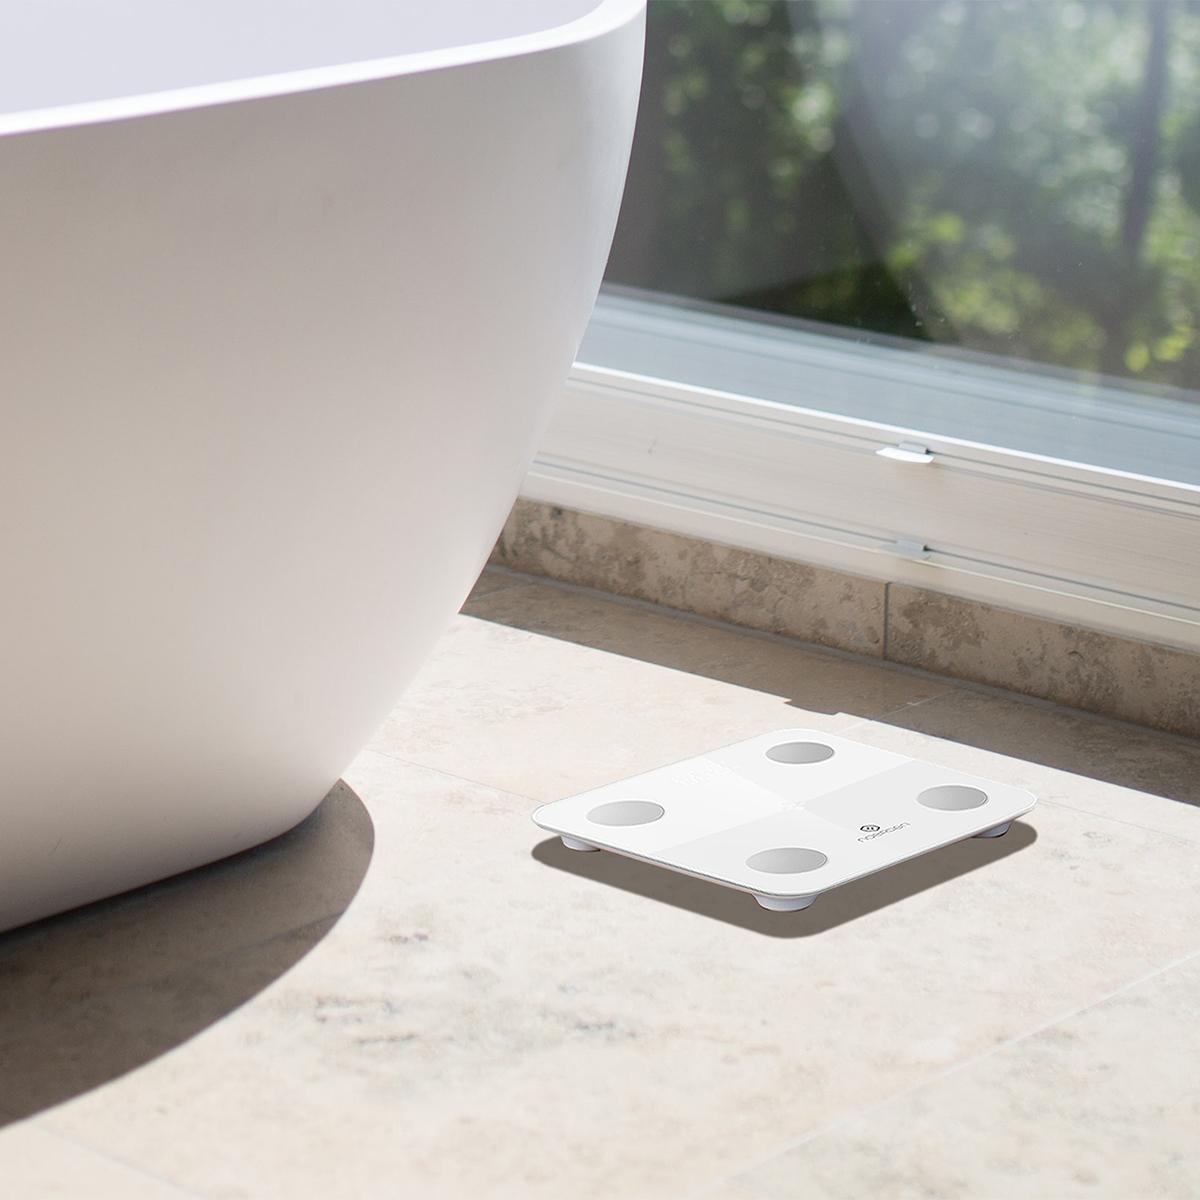 NOERDENのデータは、MINIMIと同じ専用アプリで一括管理できる。乗るだけでスマホアプリに体重を自動で記録、楽しく続けられる「スマート体重計」|MINIMI(ミニミ)